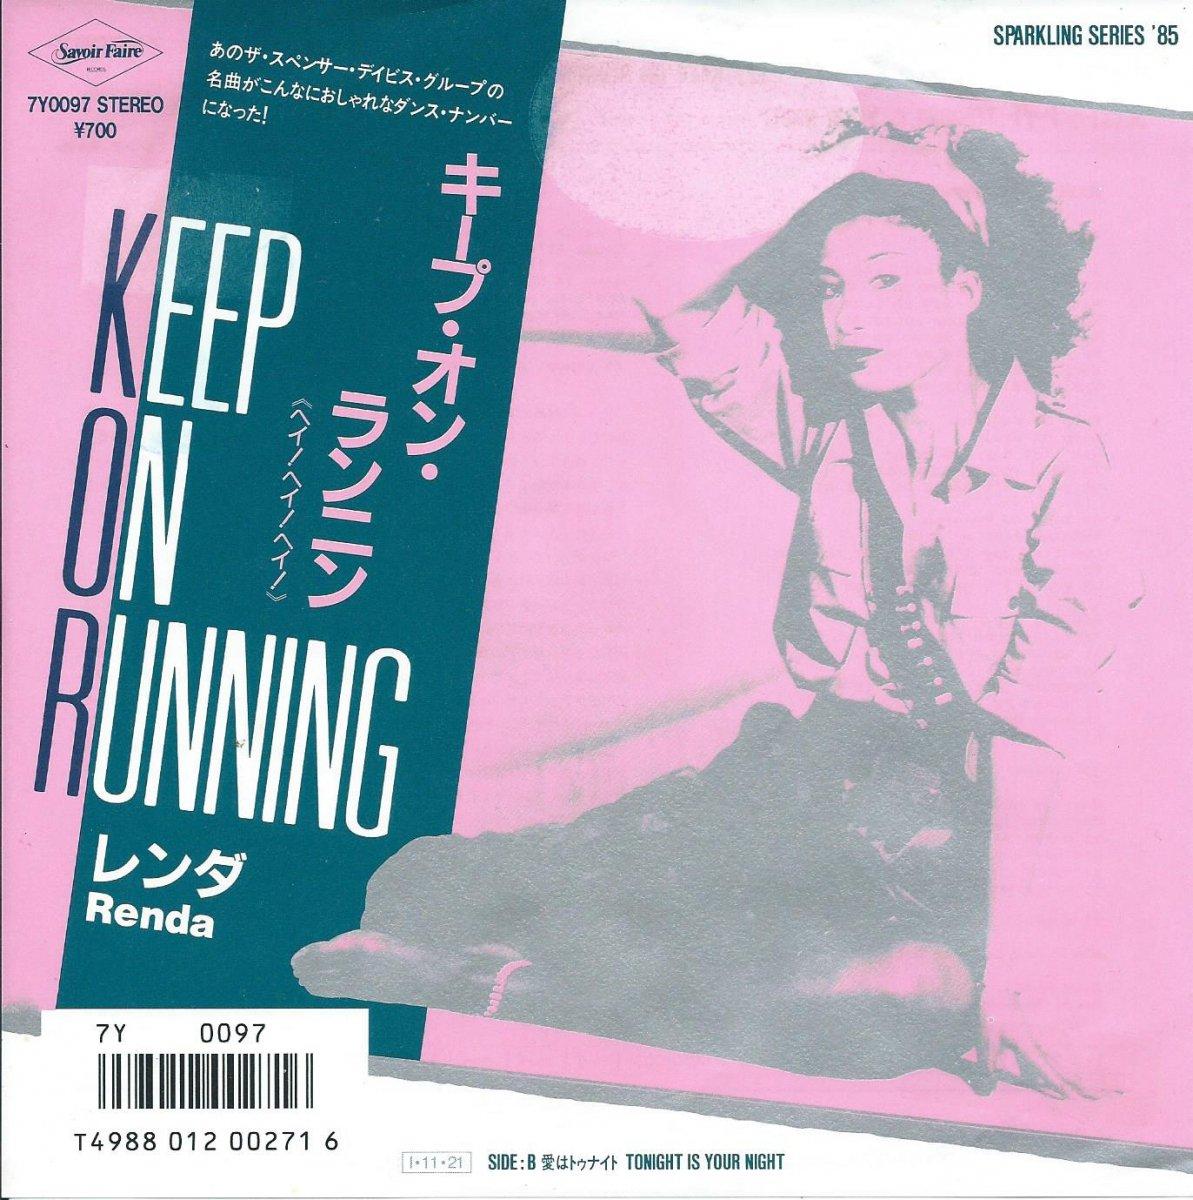 レンダ RENDA / キープ・オン・ランニン (ヘイ!ヘイ!ヘイ!)  KEEP ON RUNNING (7